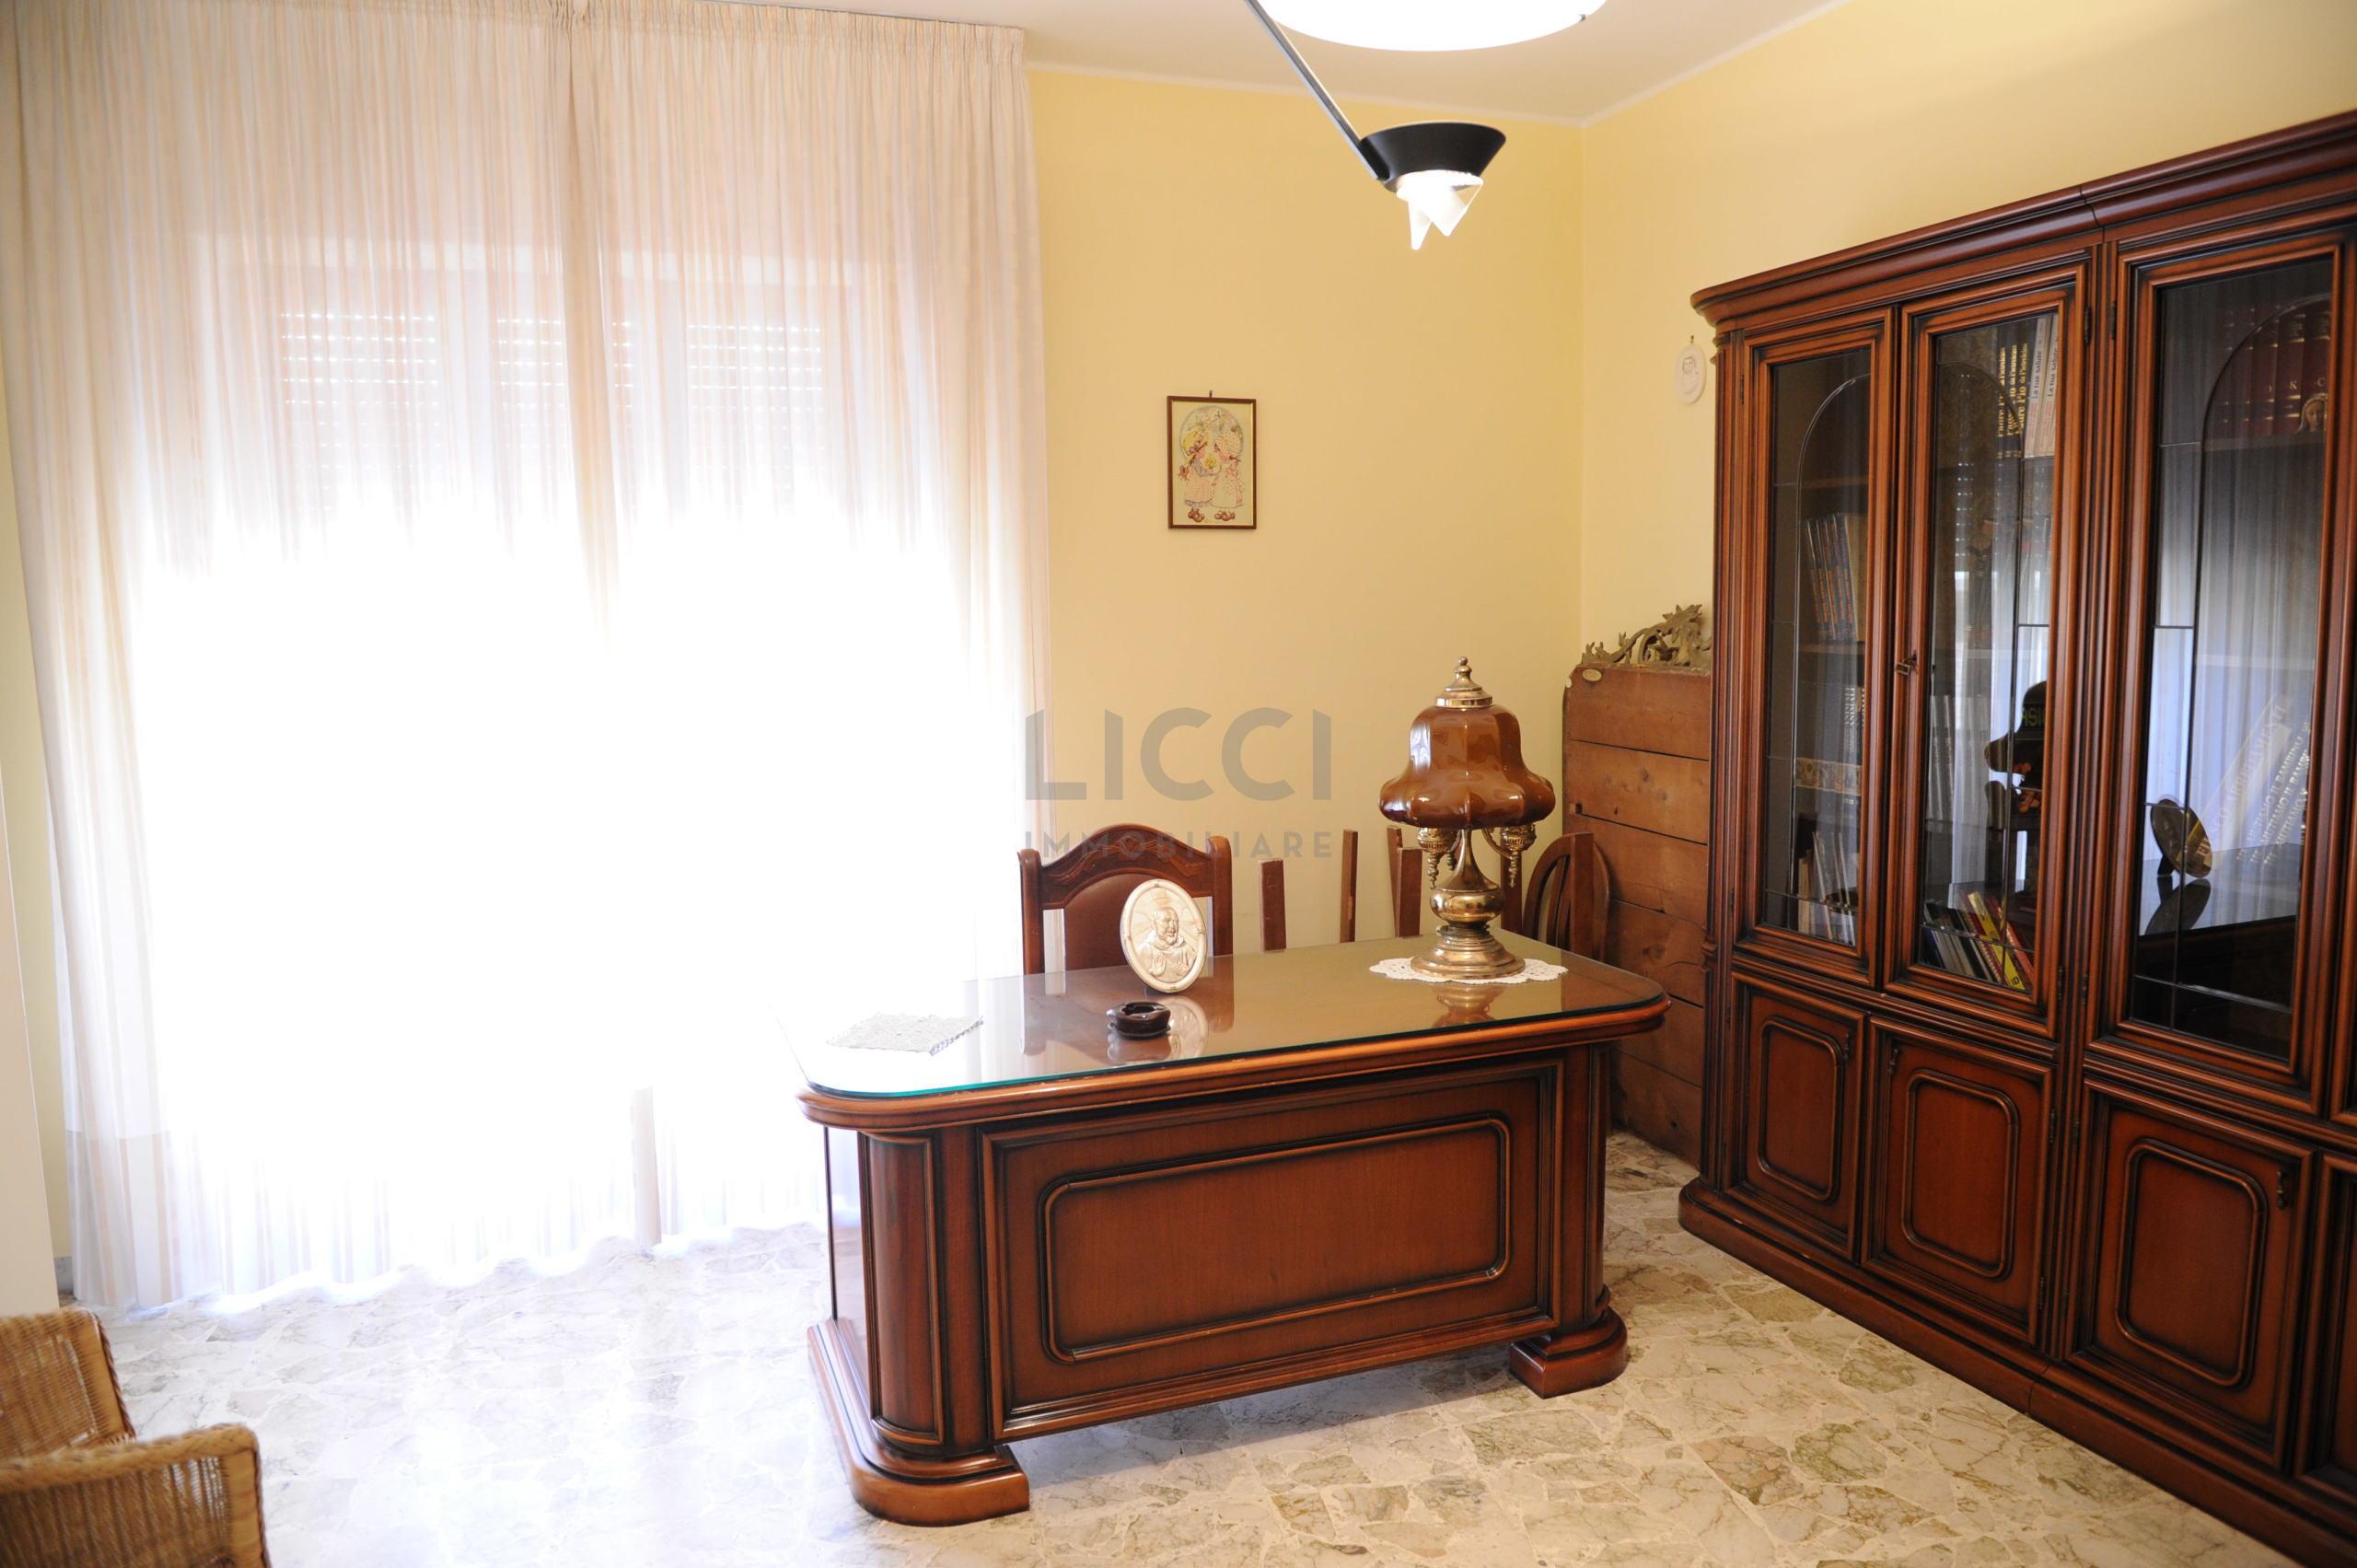 Appartamento a Monopoli Via Luigi Finamore Pepe 47, Centrale